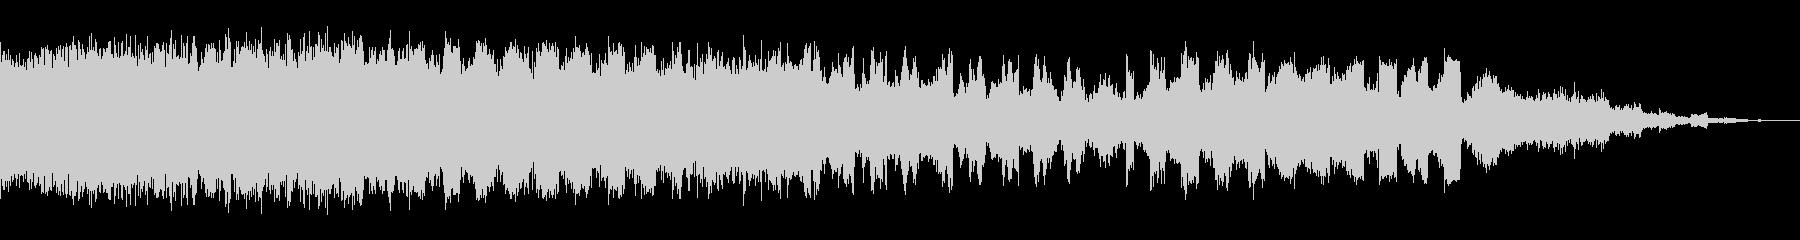 ロング変調パルススイープの未再生の波形